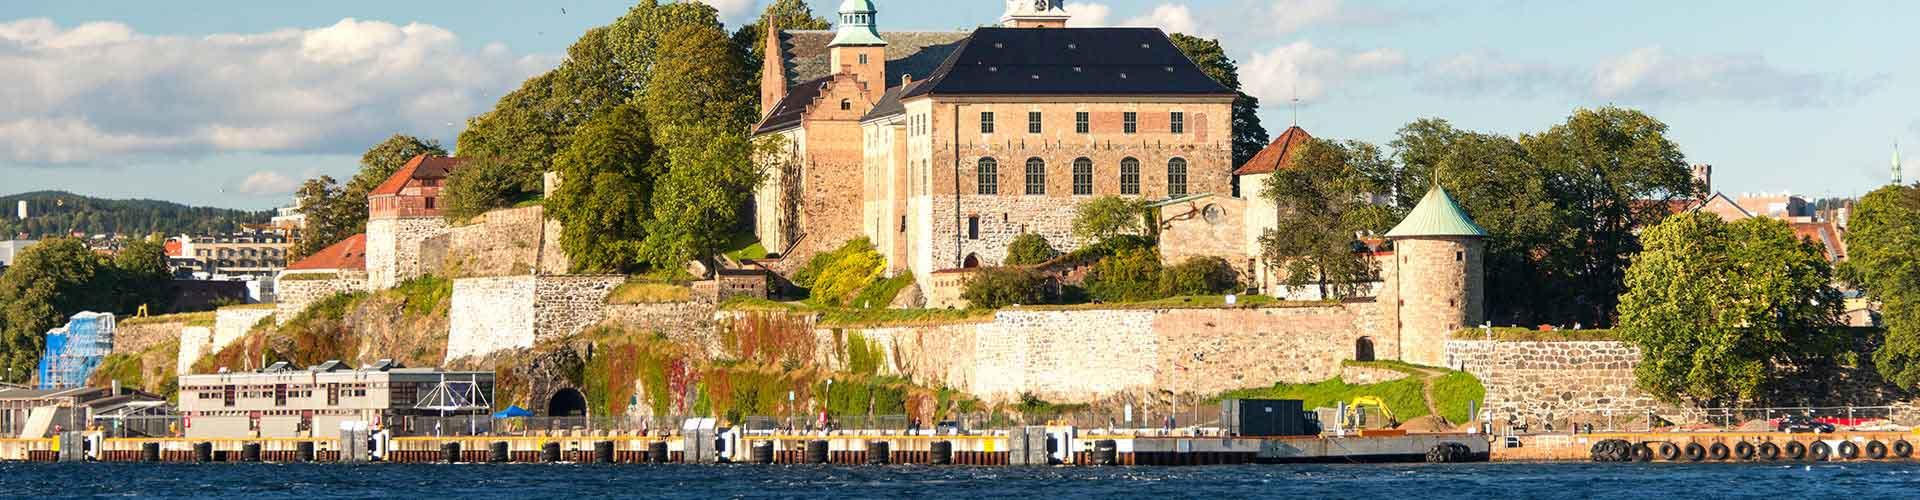 Oslo - Auberges de jeunesse à Oslo. Cartes pour Oslo, photos et commentaires pour chaque auberge de jeunesse à Oslo.